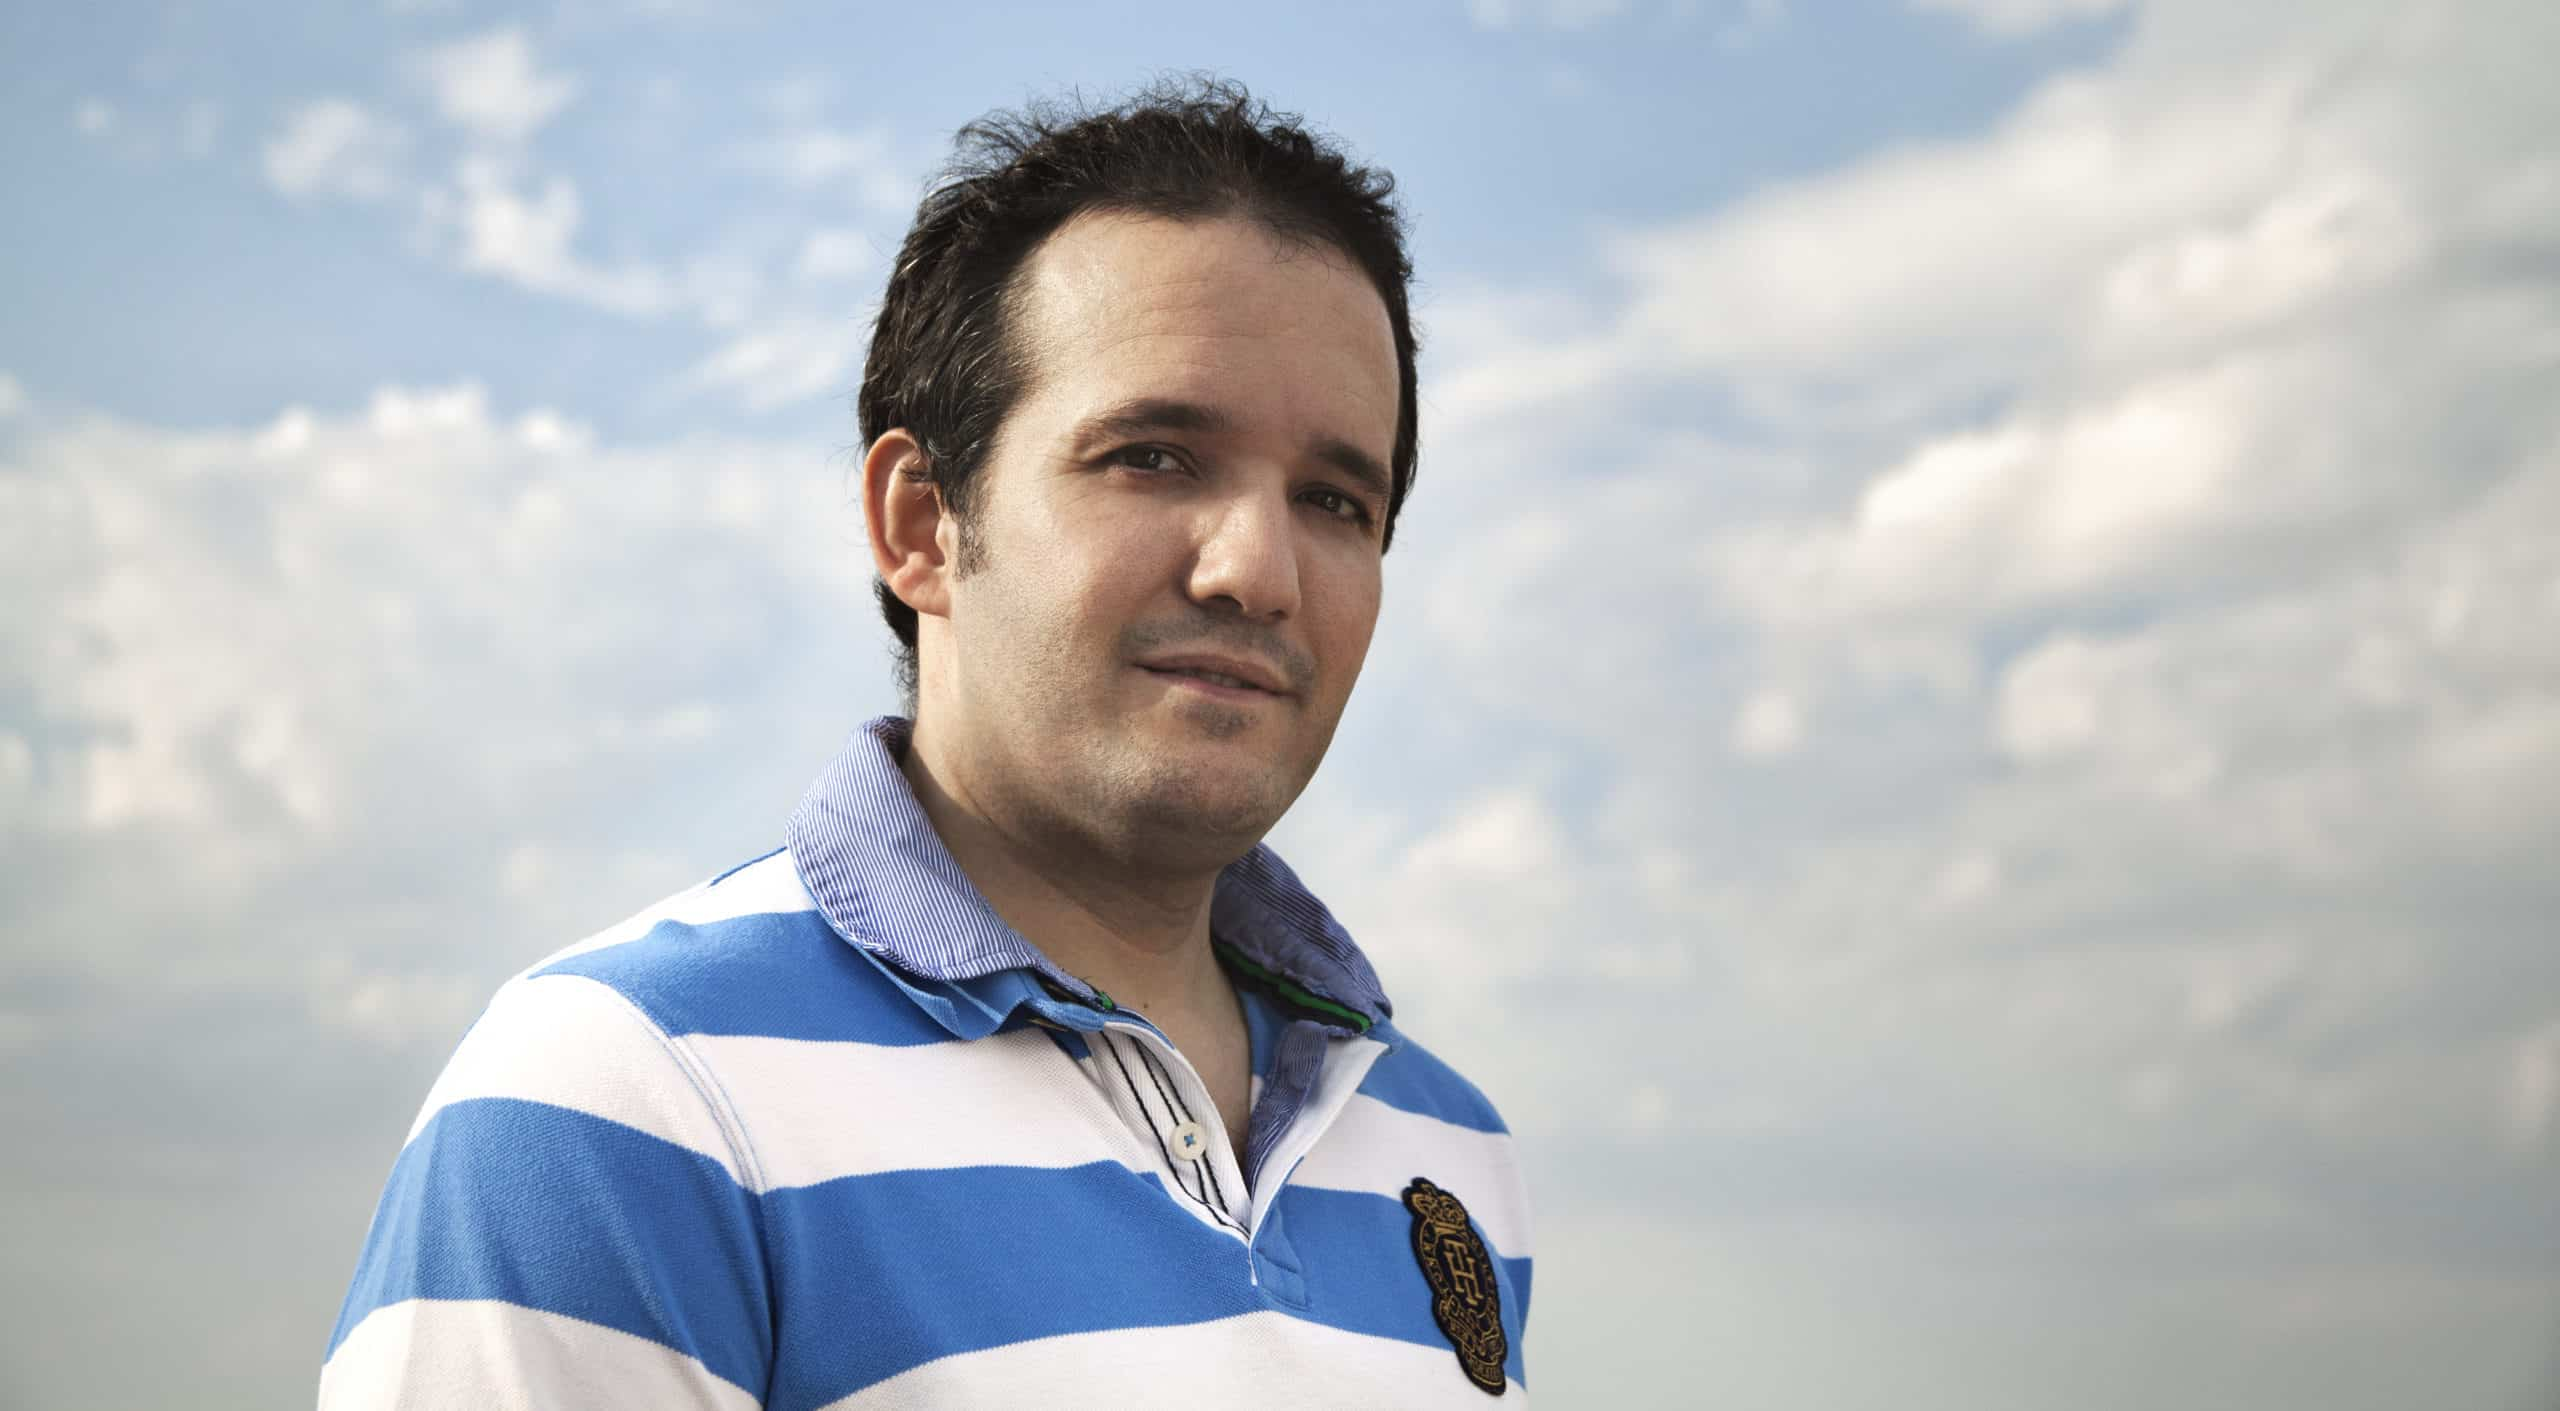 david carrero entre nubes 9770687223 o scaled - El herenciano David Carrero invierte con Automattic, creadores de WordPress.com, en la plataforma Frontity